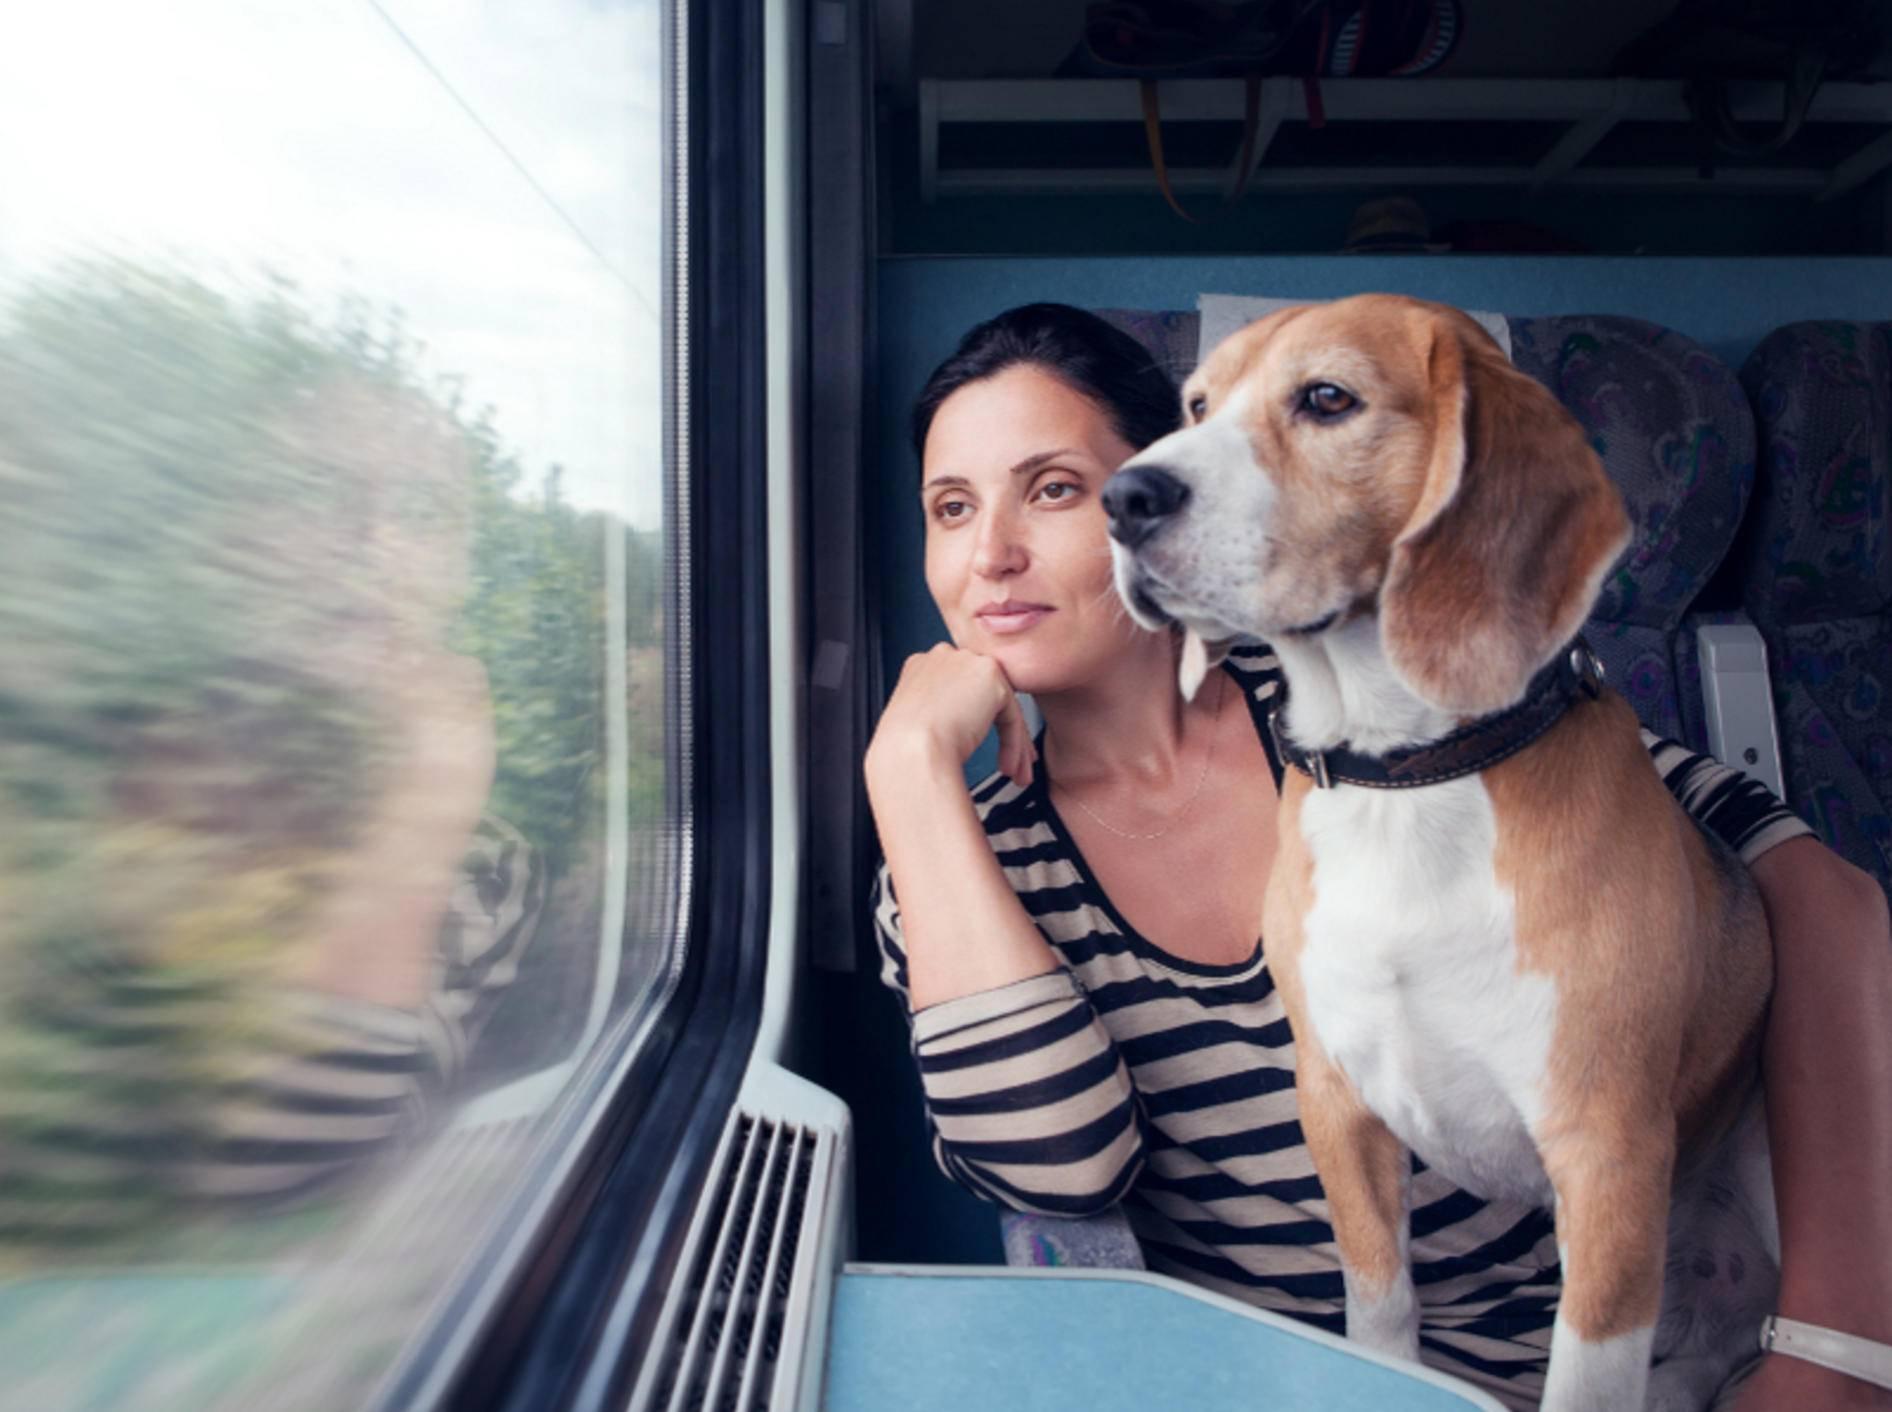 Streng genommen, müsste dieser süße Zug-Beagle eigentlich einen Maulkorb tragen – Shutterstock / Soloviova Liudmyla